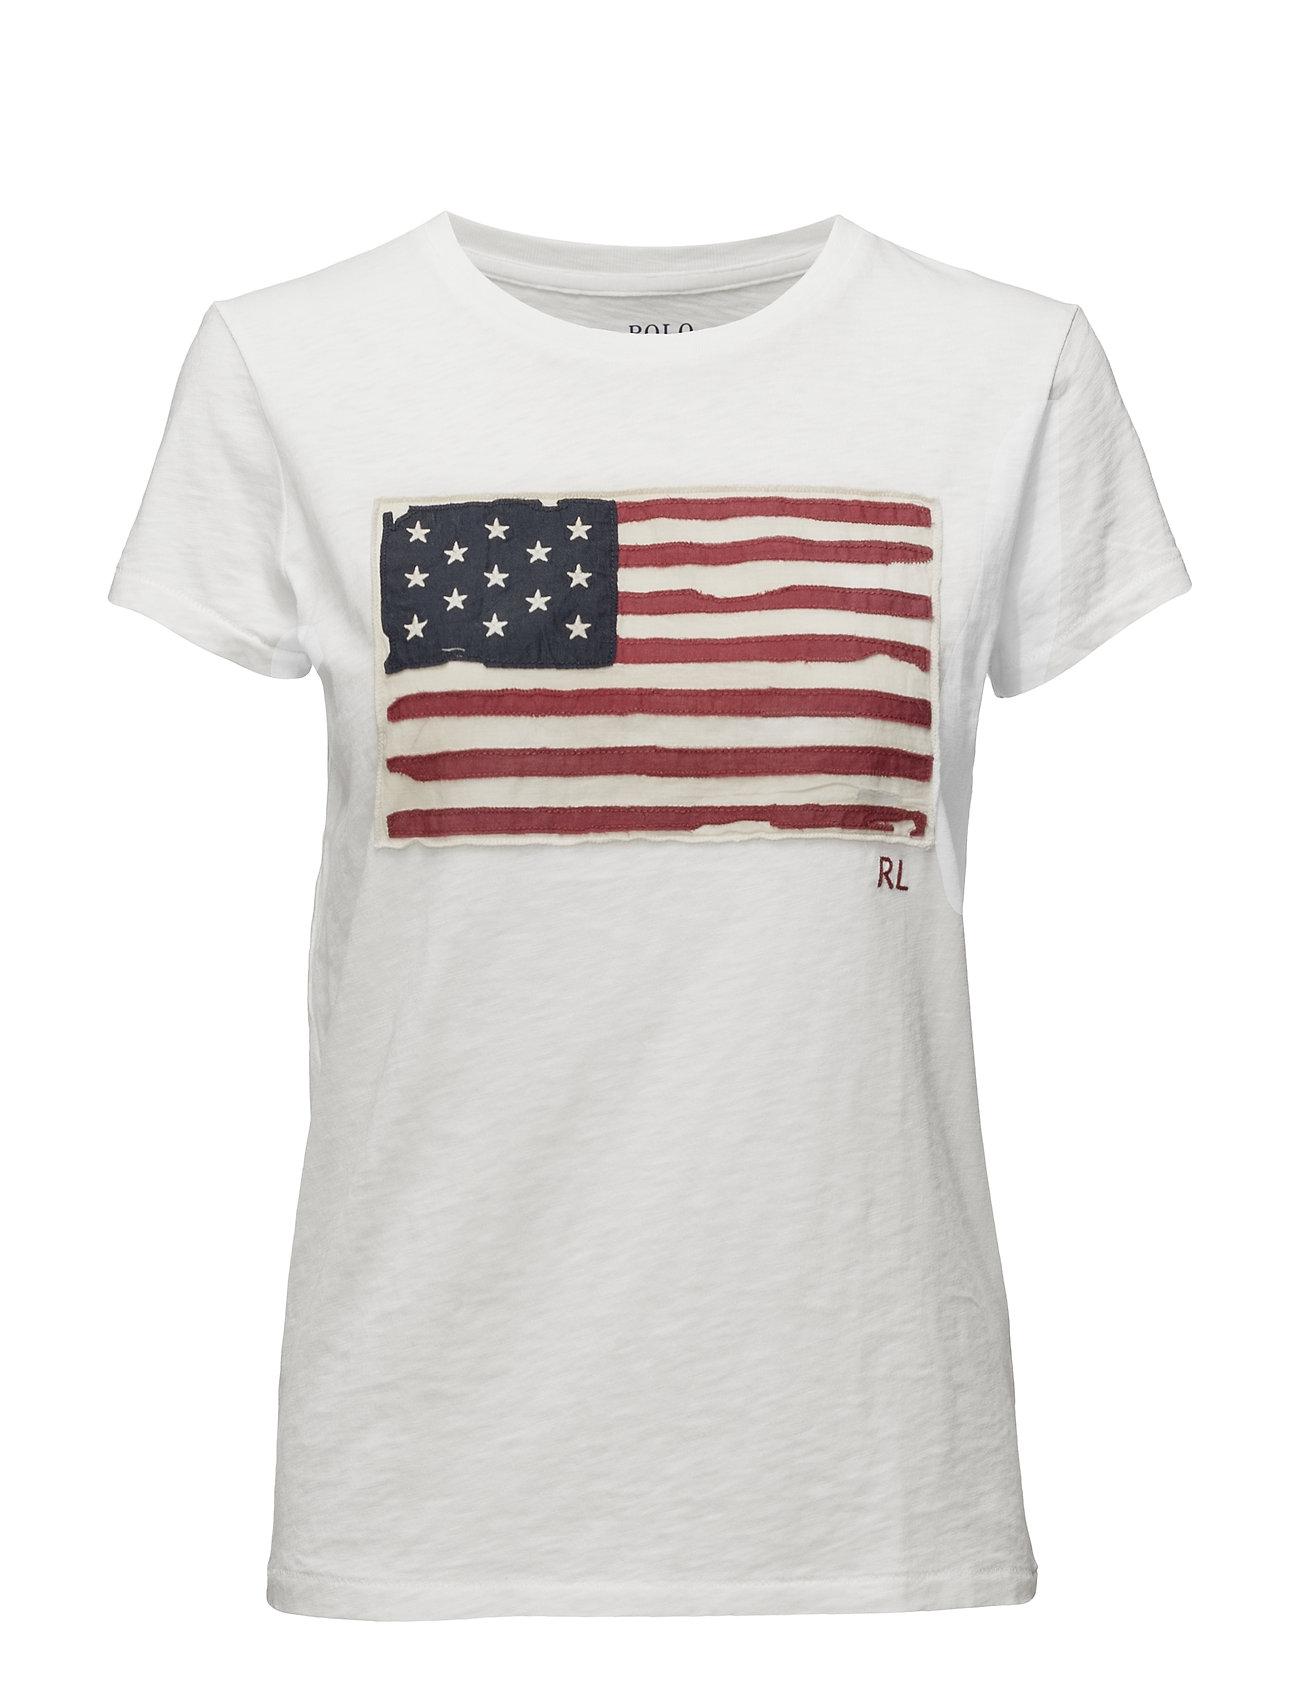 Polo Ralph Lauren Flag Jersey Graphic T-Shirt